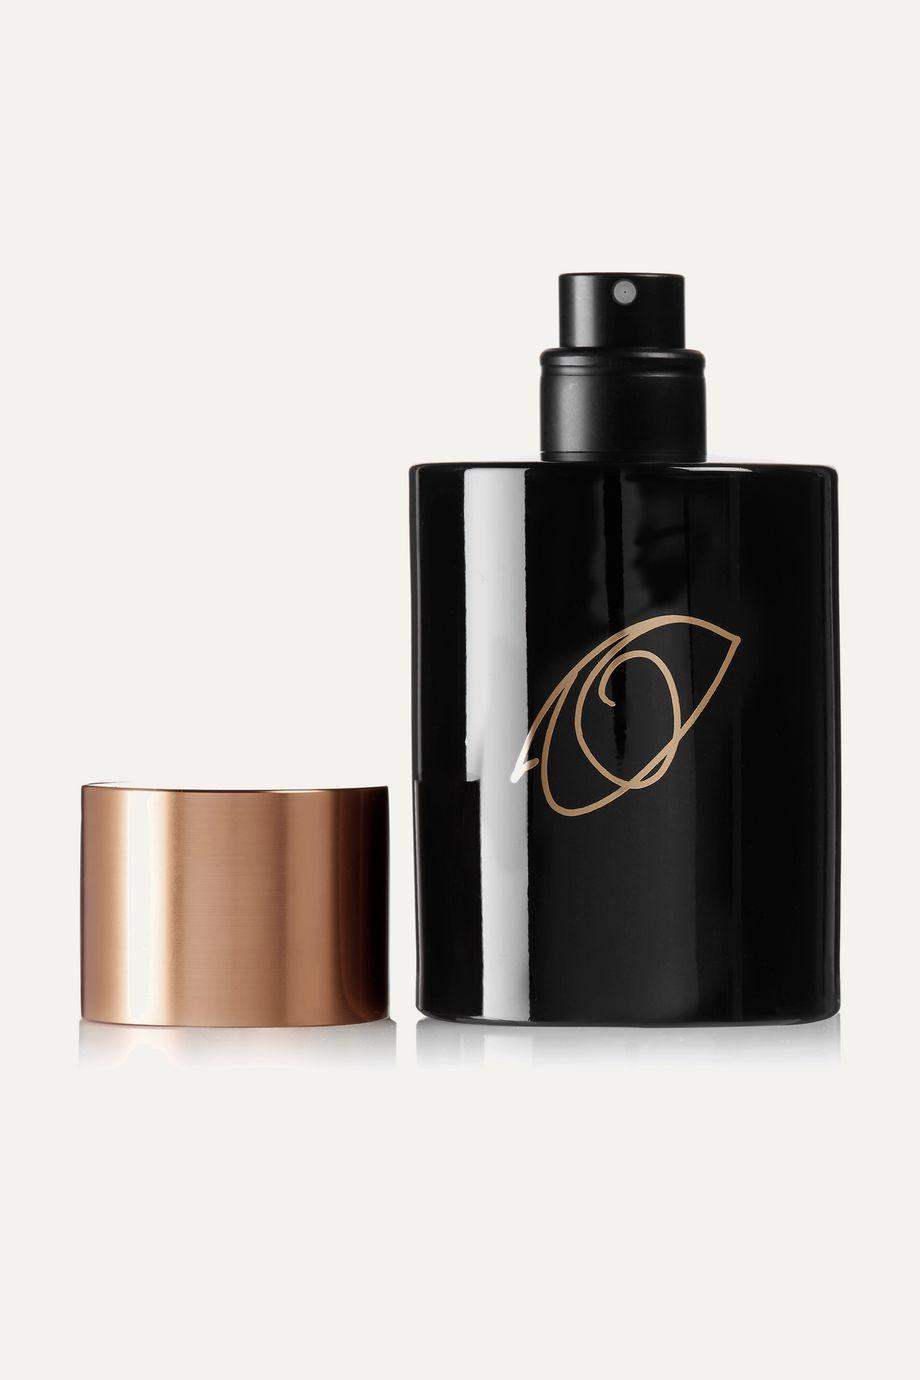 Frederic Malle Superstitious – Türkische Rose, Ägyptischer Jasmin & Aldehyd, 100 ml – Eau de Parfum